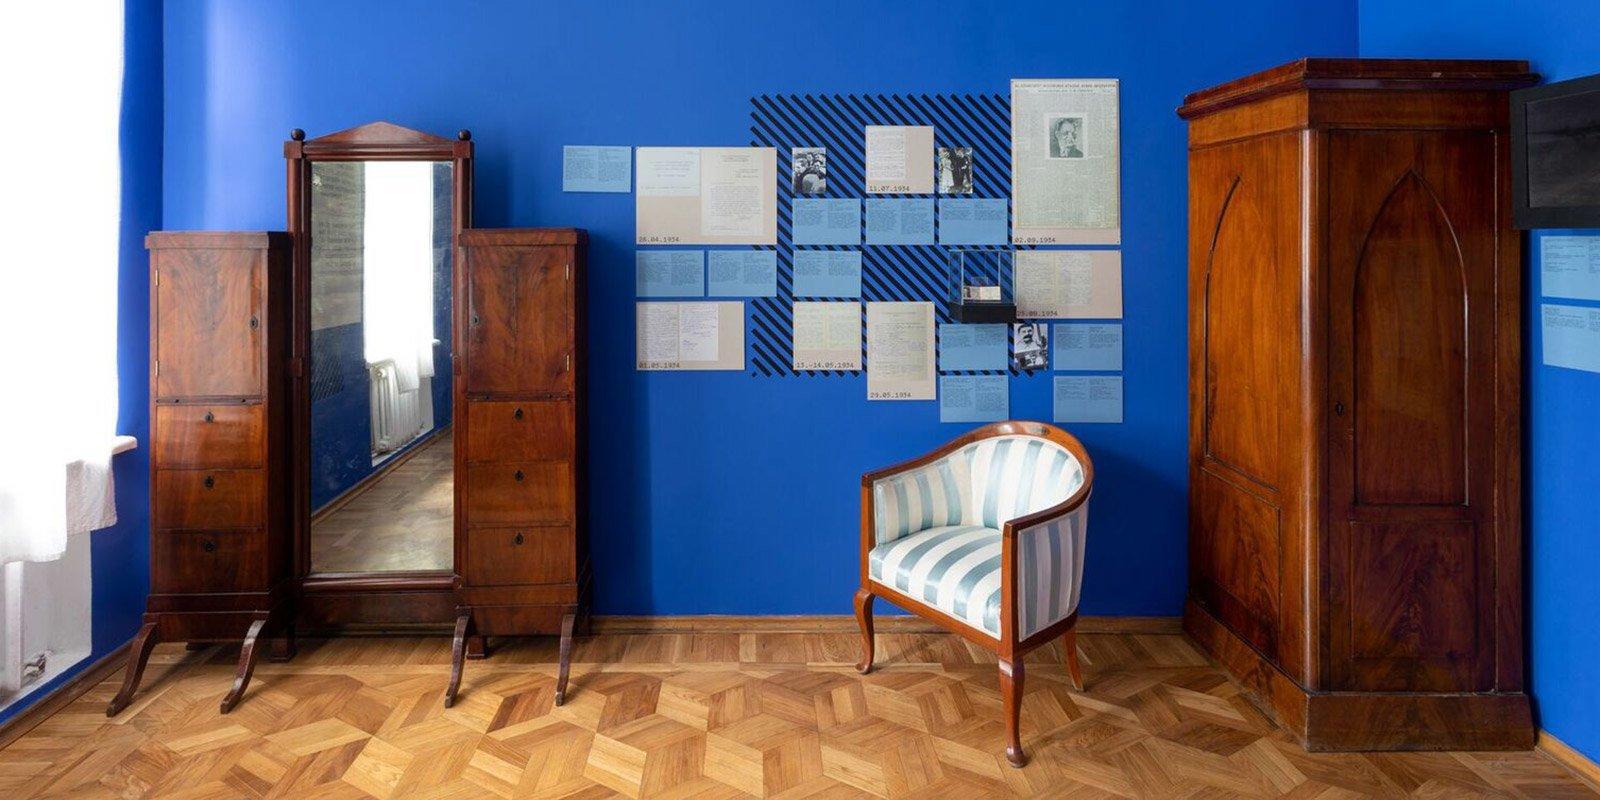 Фото: Музей М.А. Булгакова